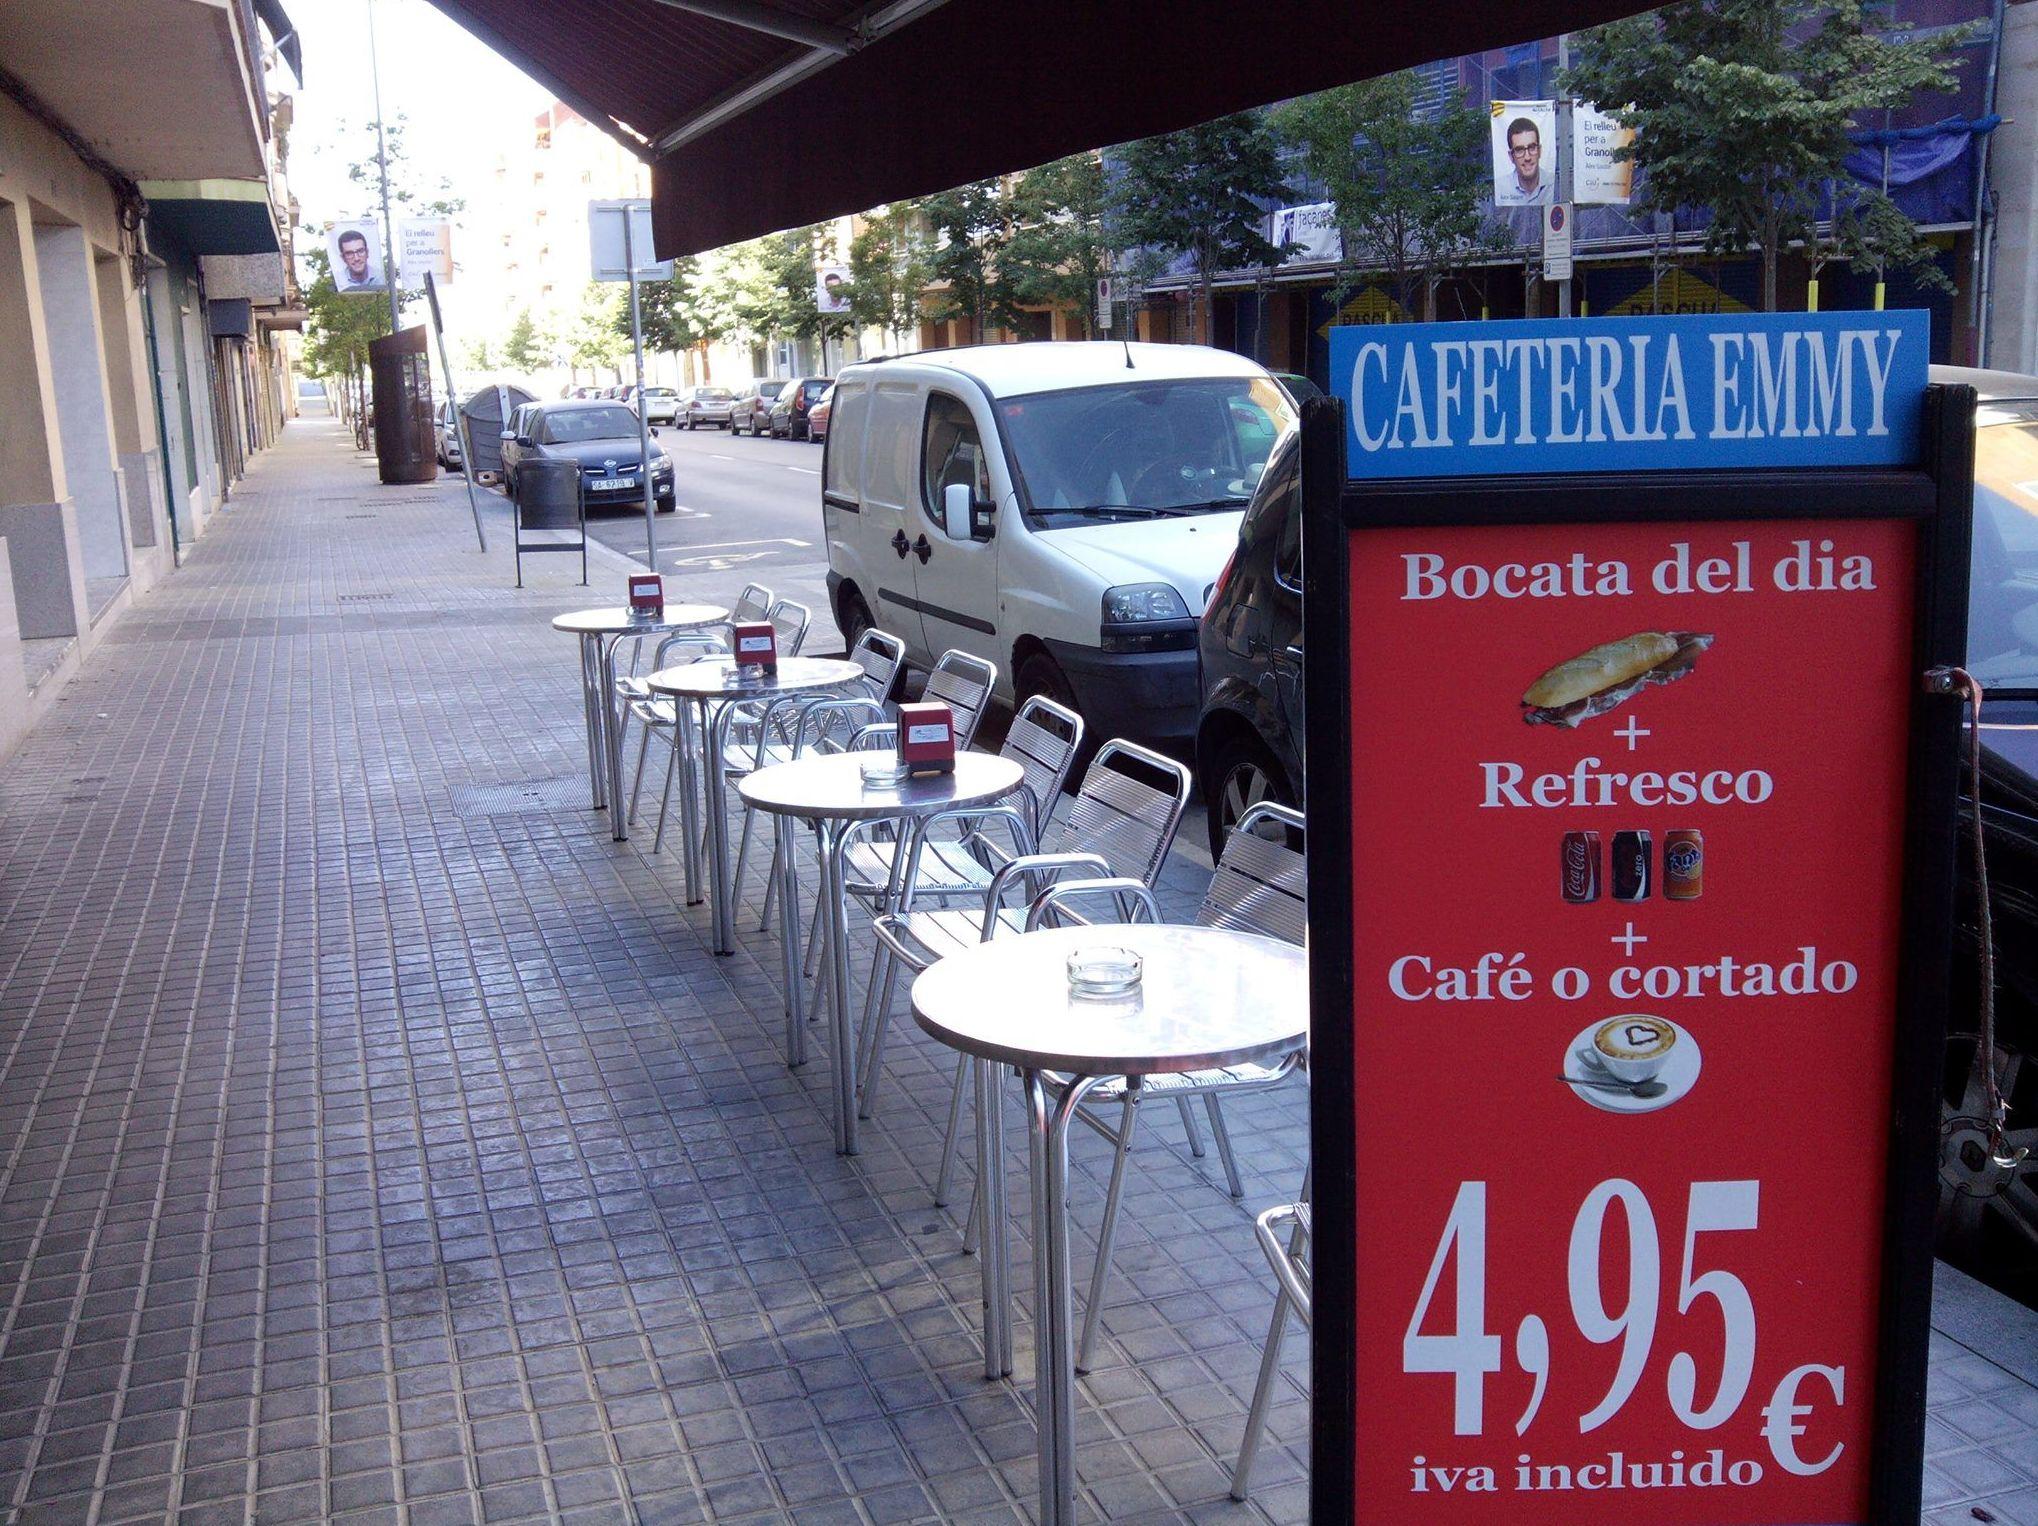 Foto 51 de Pastelerías en Granollers | EMMY Pastelería - Cafetería - Panaderia